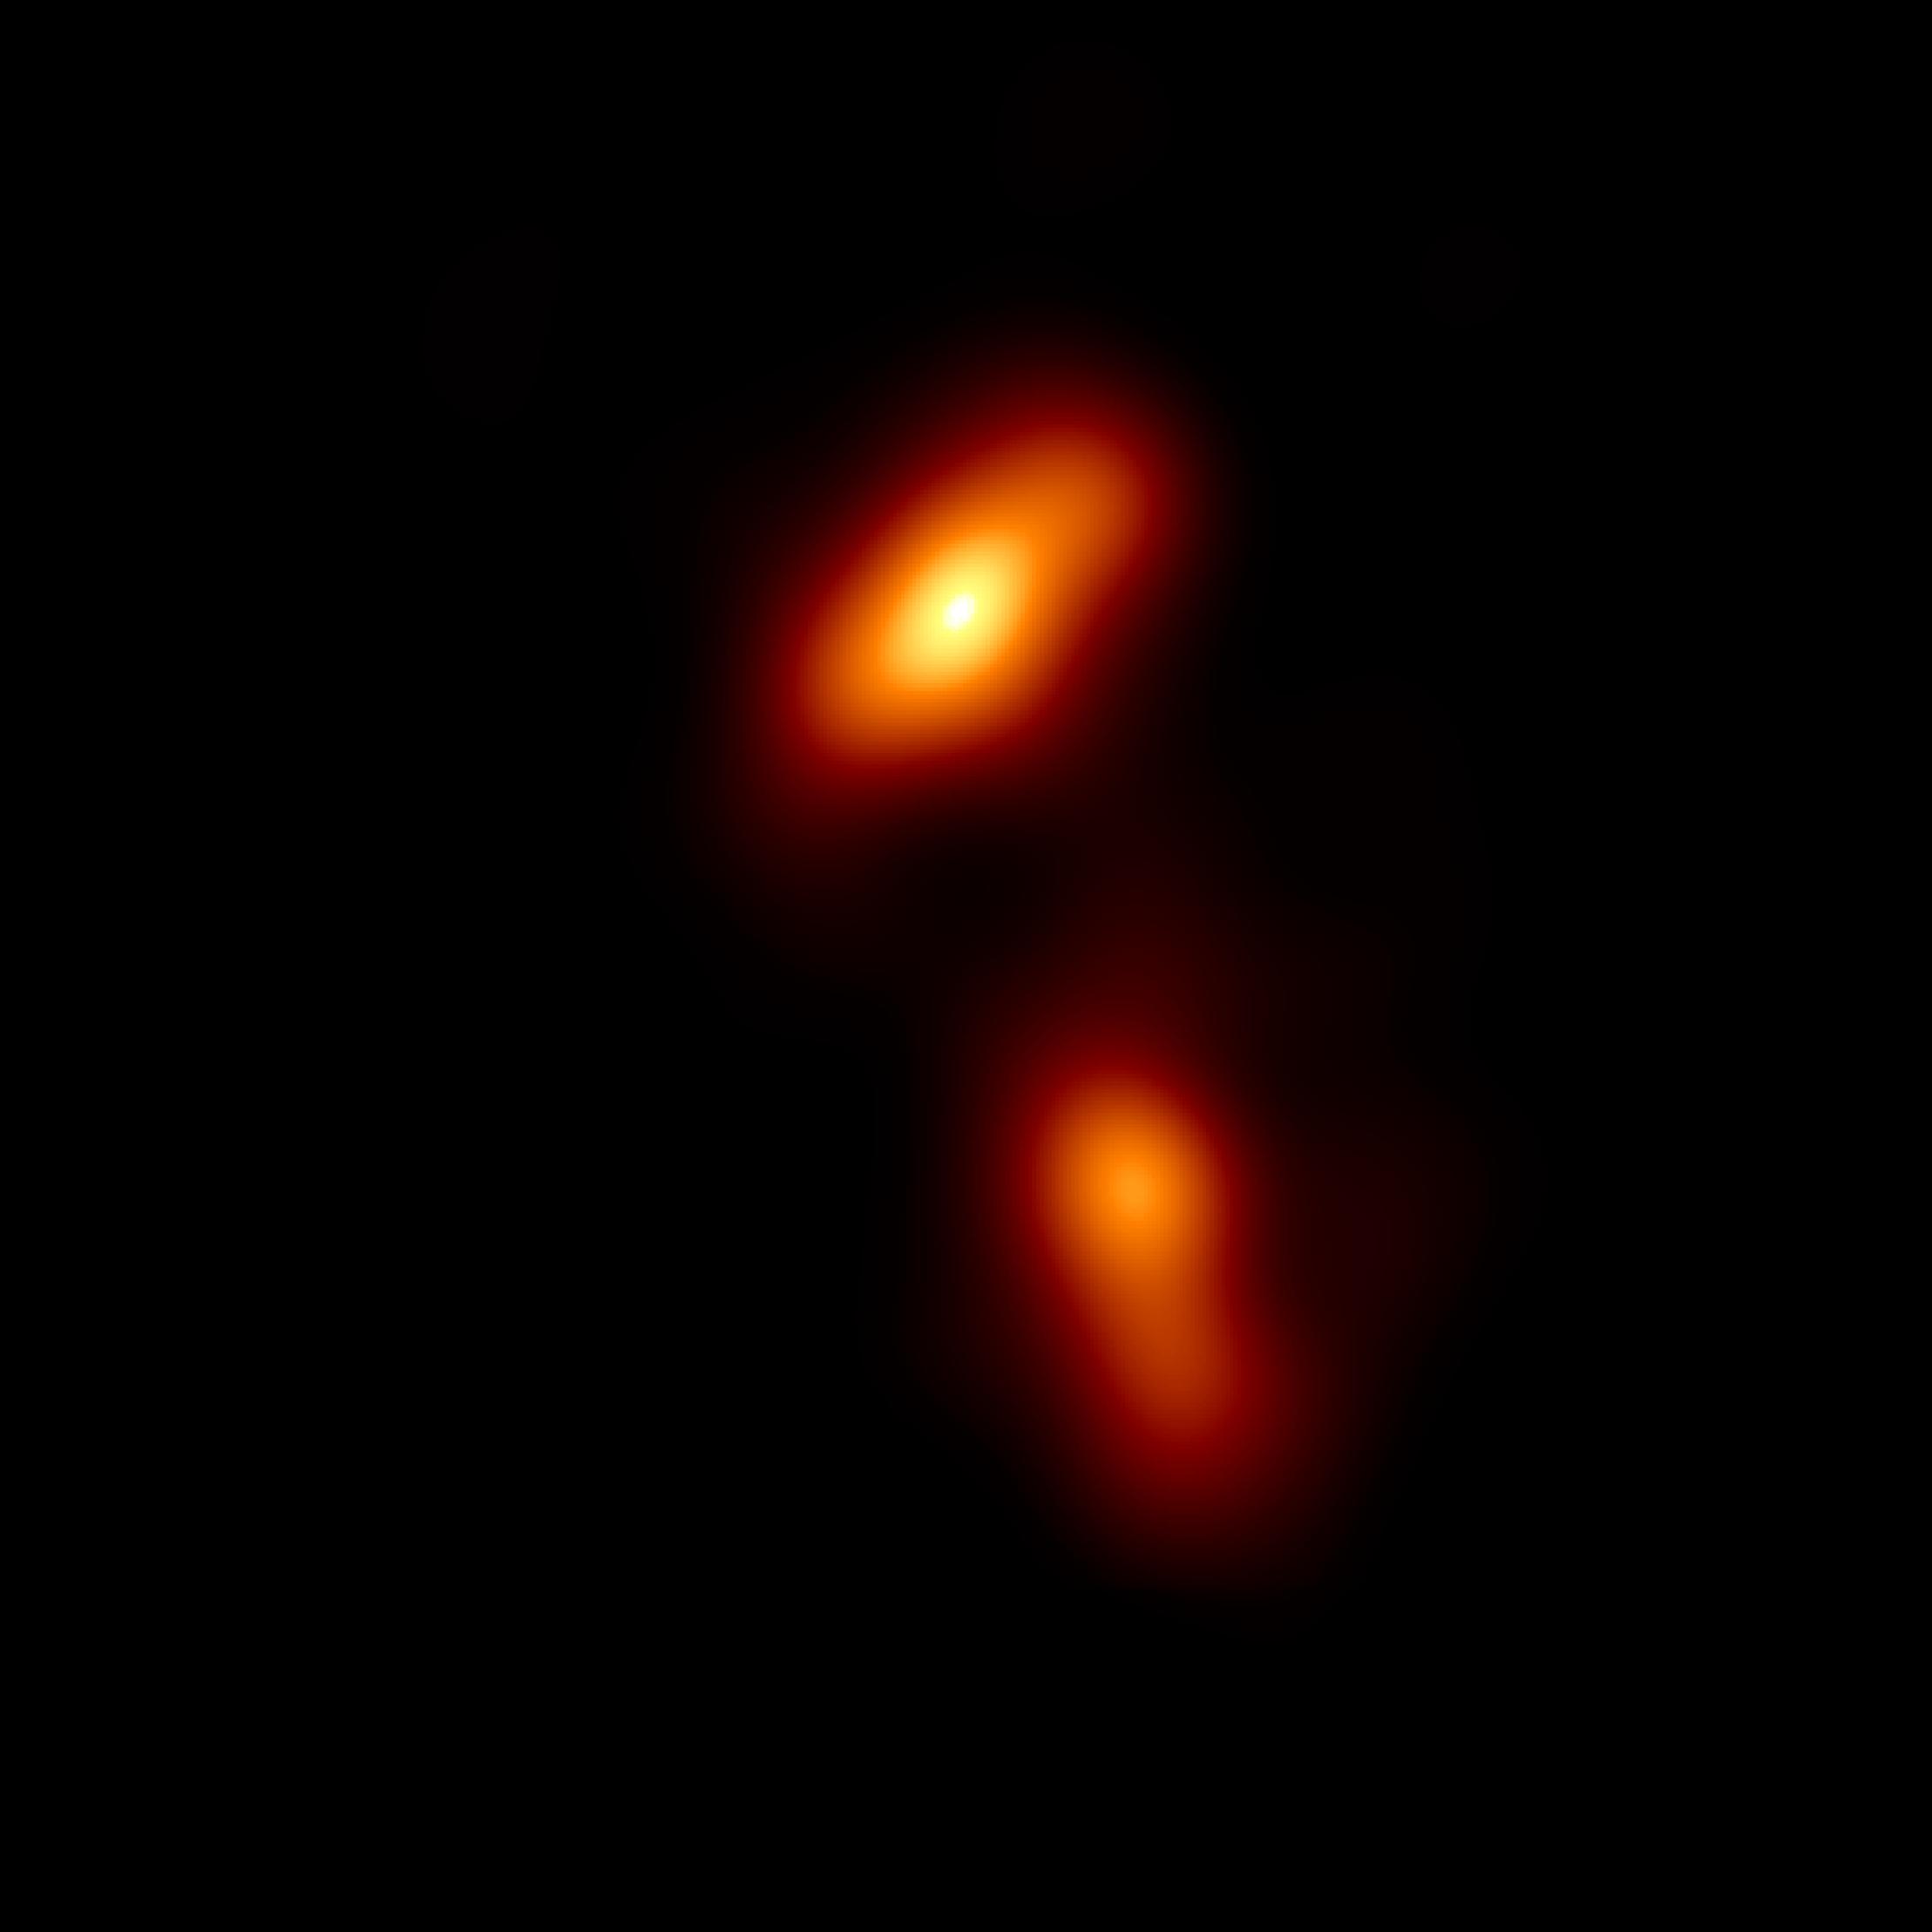 EHT image of quasar 3C 279